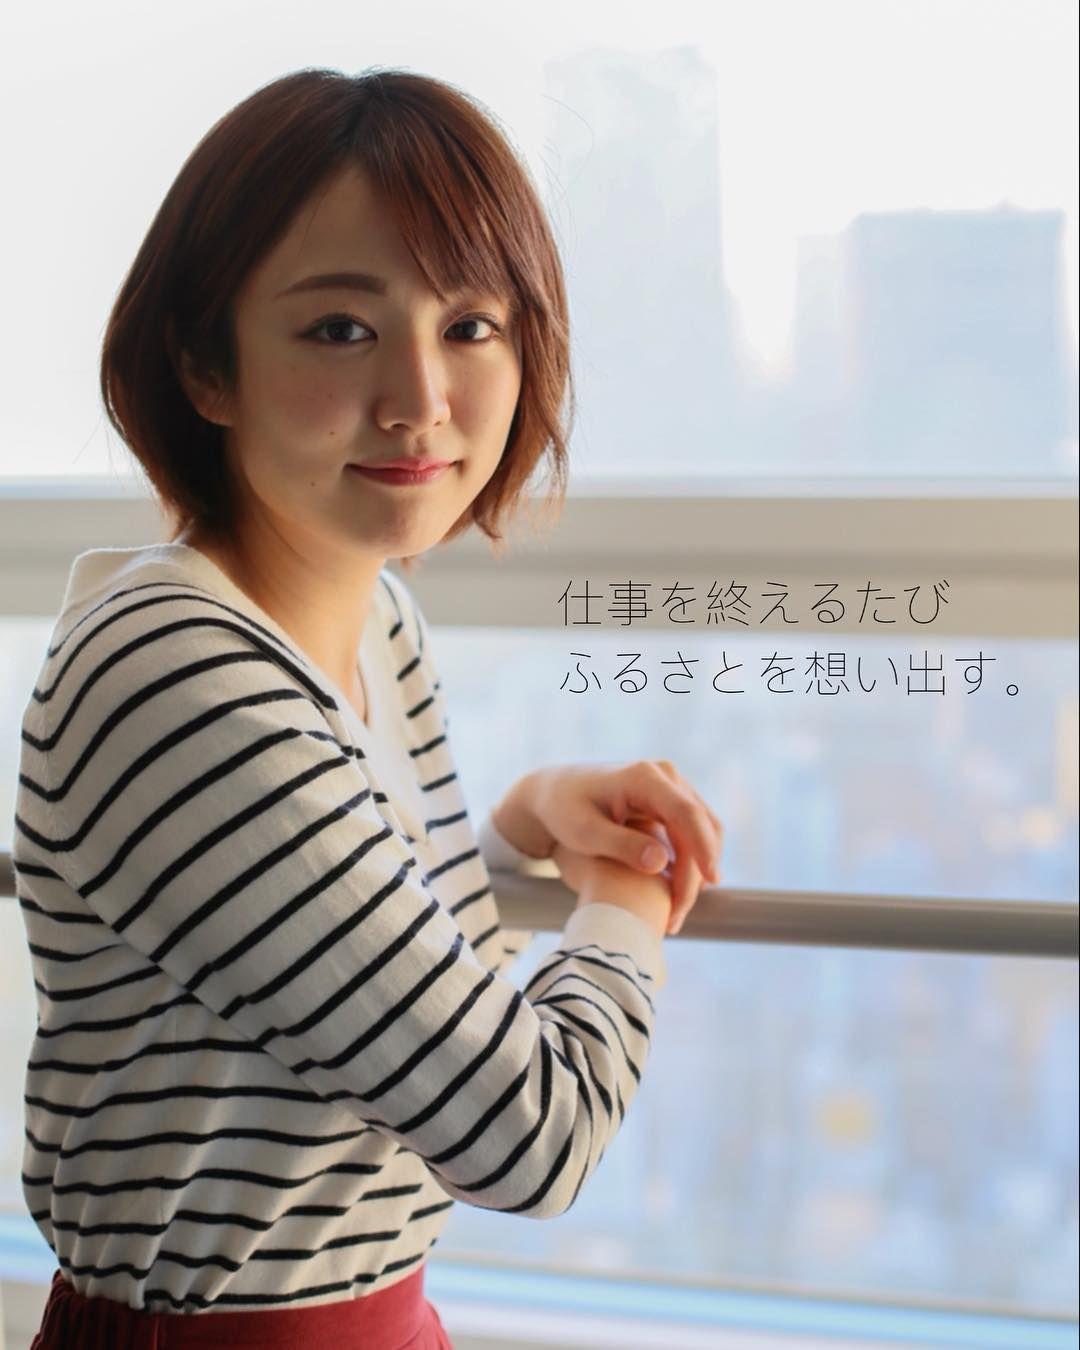 森圭介 日本テレビアナウンサー on instagram ふるさとを想う 滝菜月は仕事が終わると 窓の外を見ていた 北海道音更のみんなは ヒルナンデスを見てくれただろうか 日高山脈は東京から見えない 私と青木アナは知っている ふるさとを離れ 懸命に生きる彼女の